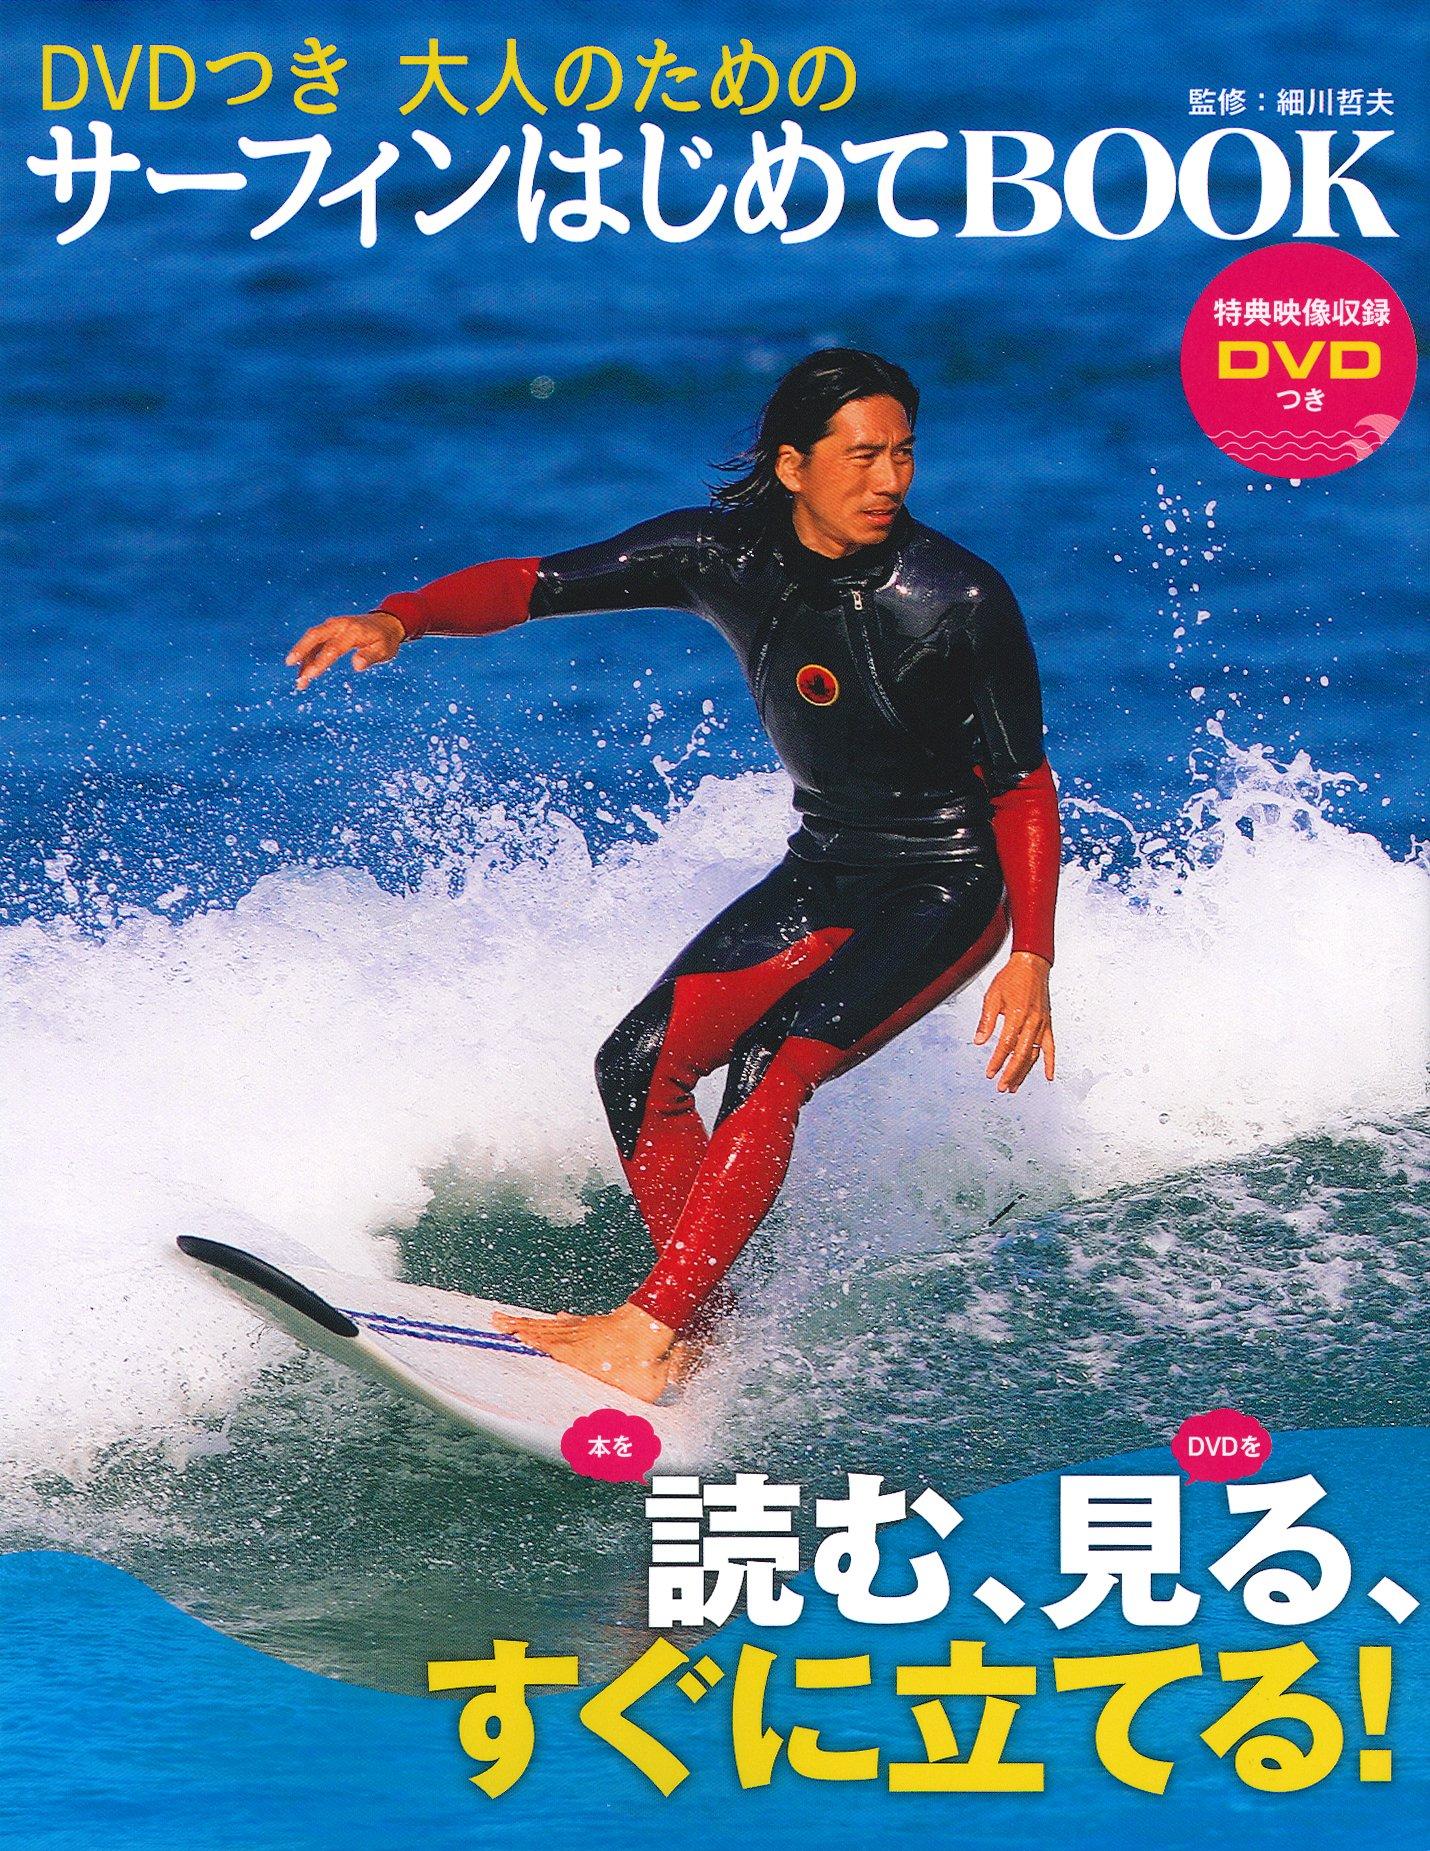 『大人のためのサーフィンはじめてBOOK』(主婦の友社)